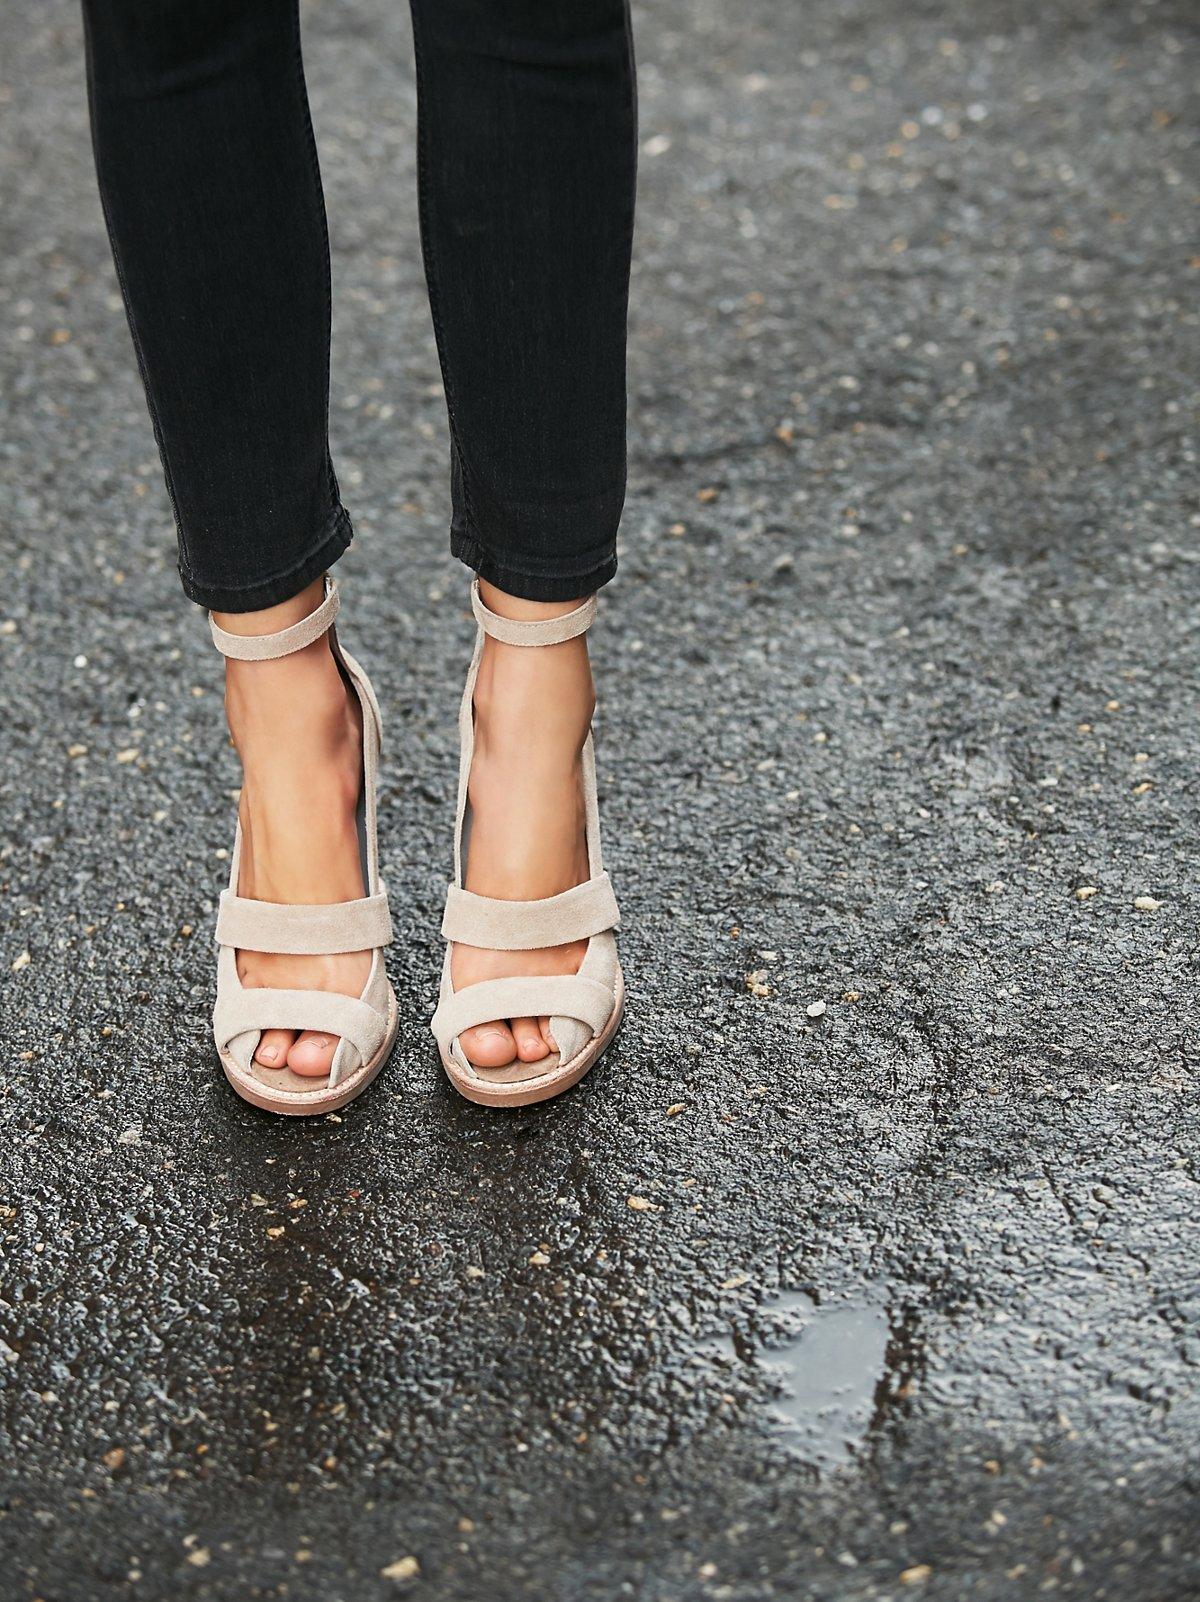 Dakota坡跟鞋